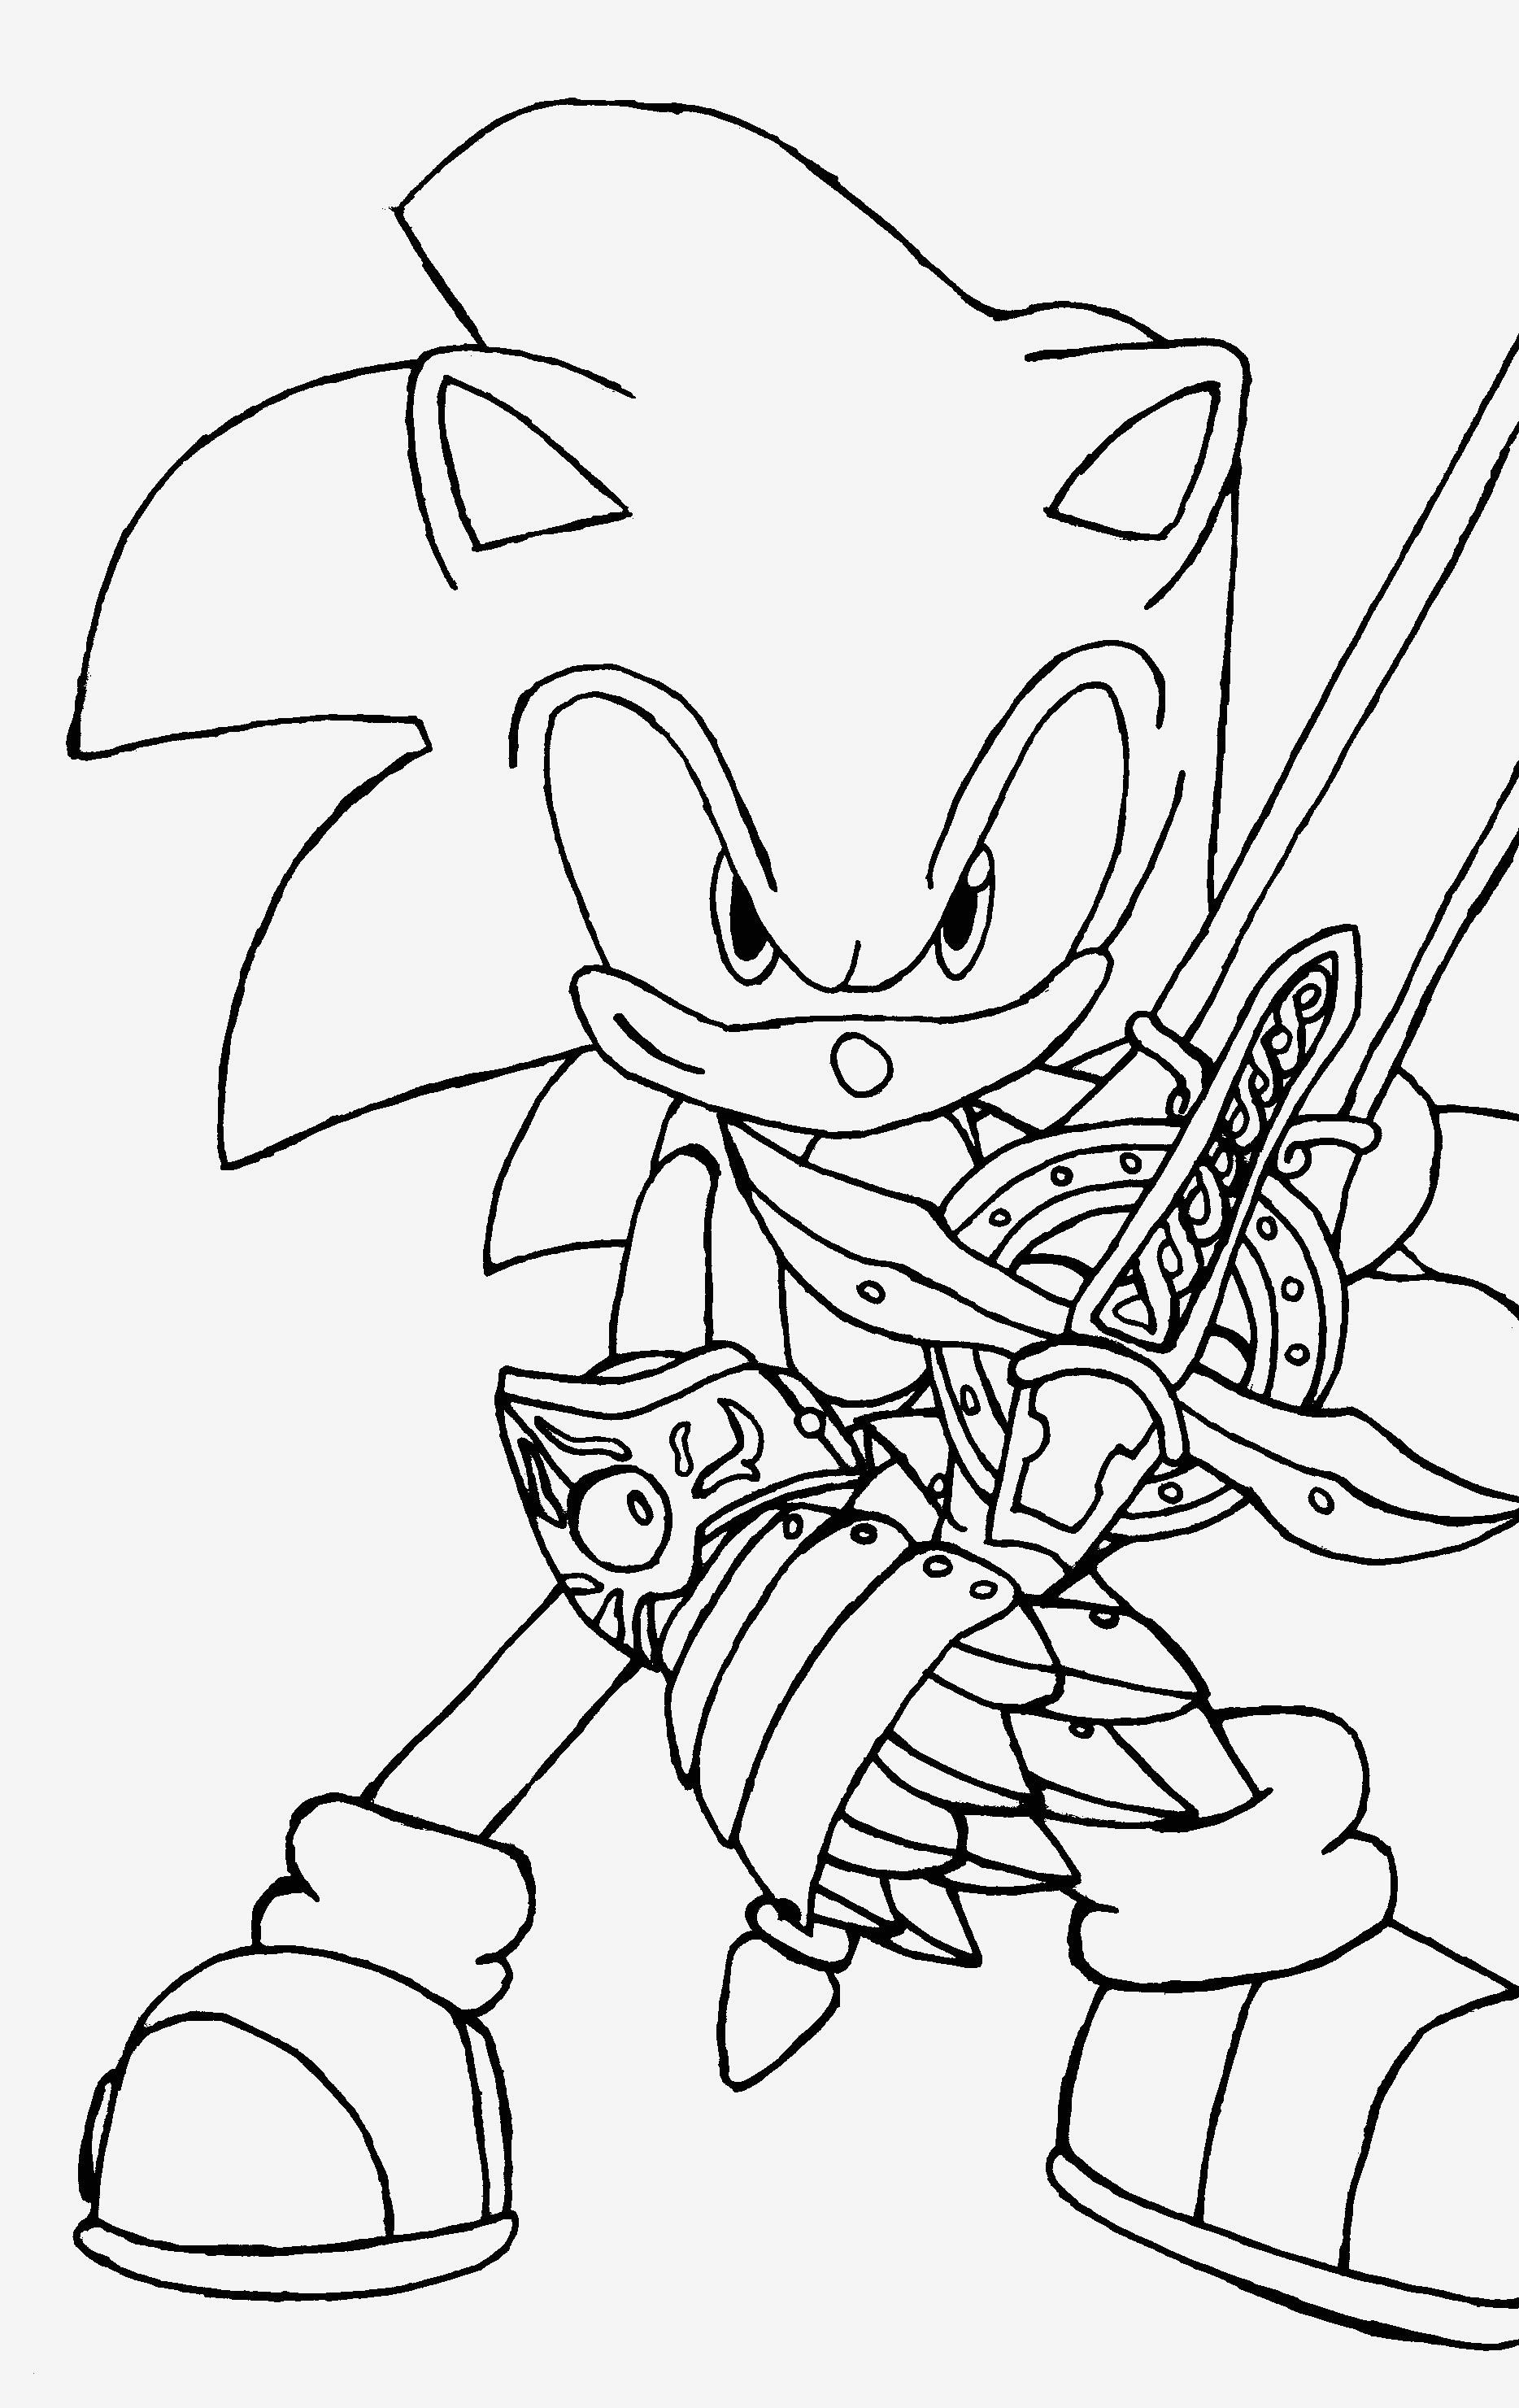 Sonic the Hedgehog Ausmalbilder Einzigartig 45 Elegant sonic the Hedgehog Ausmalbilder Beste Malvorlage Das Bild